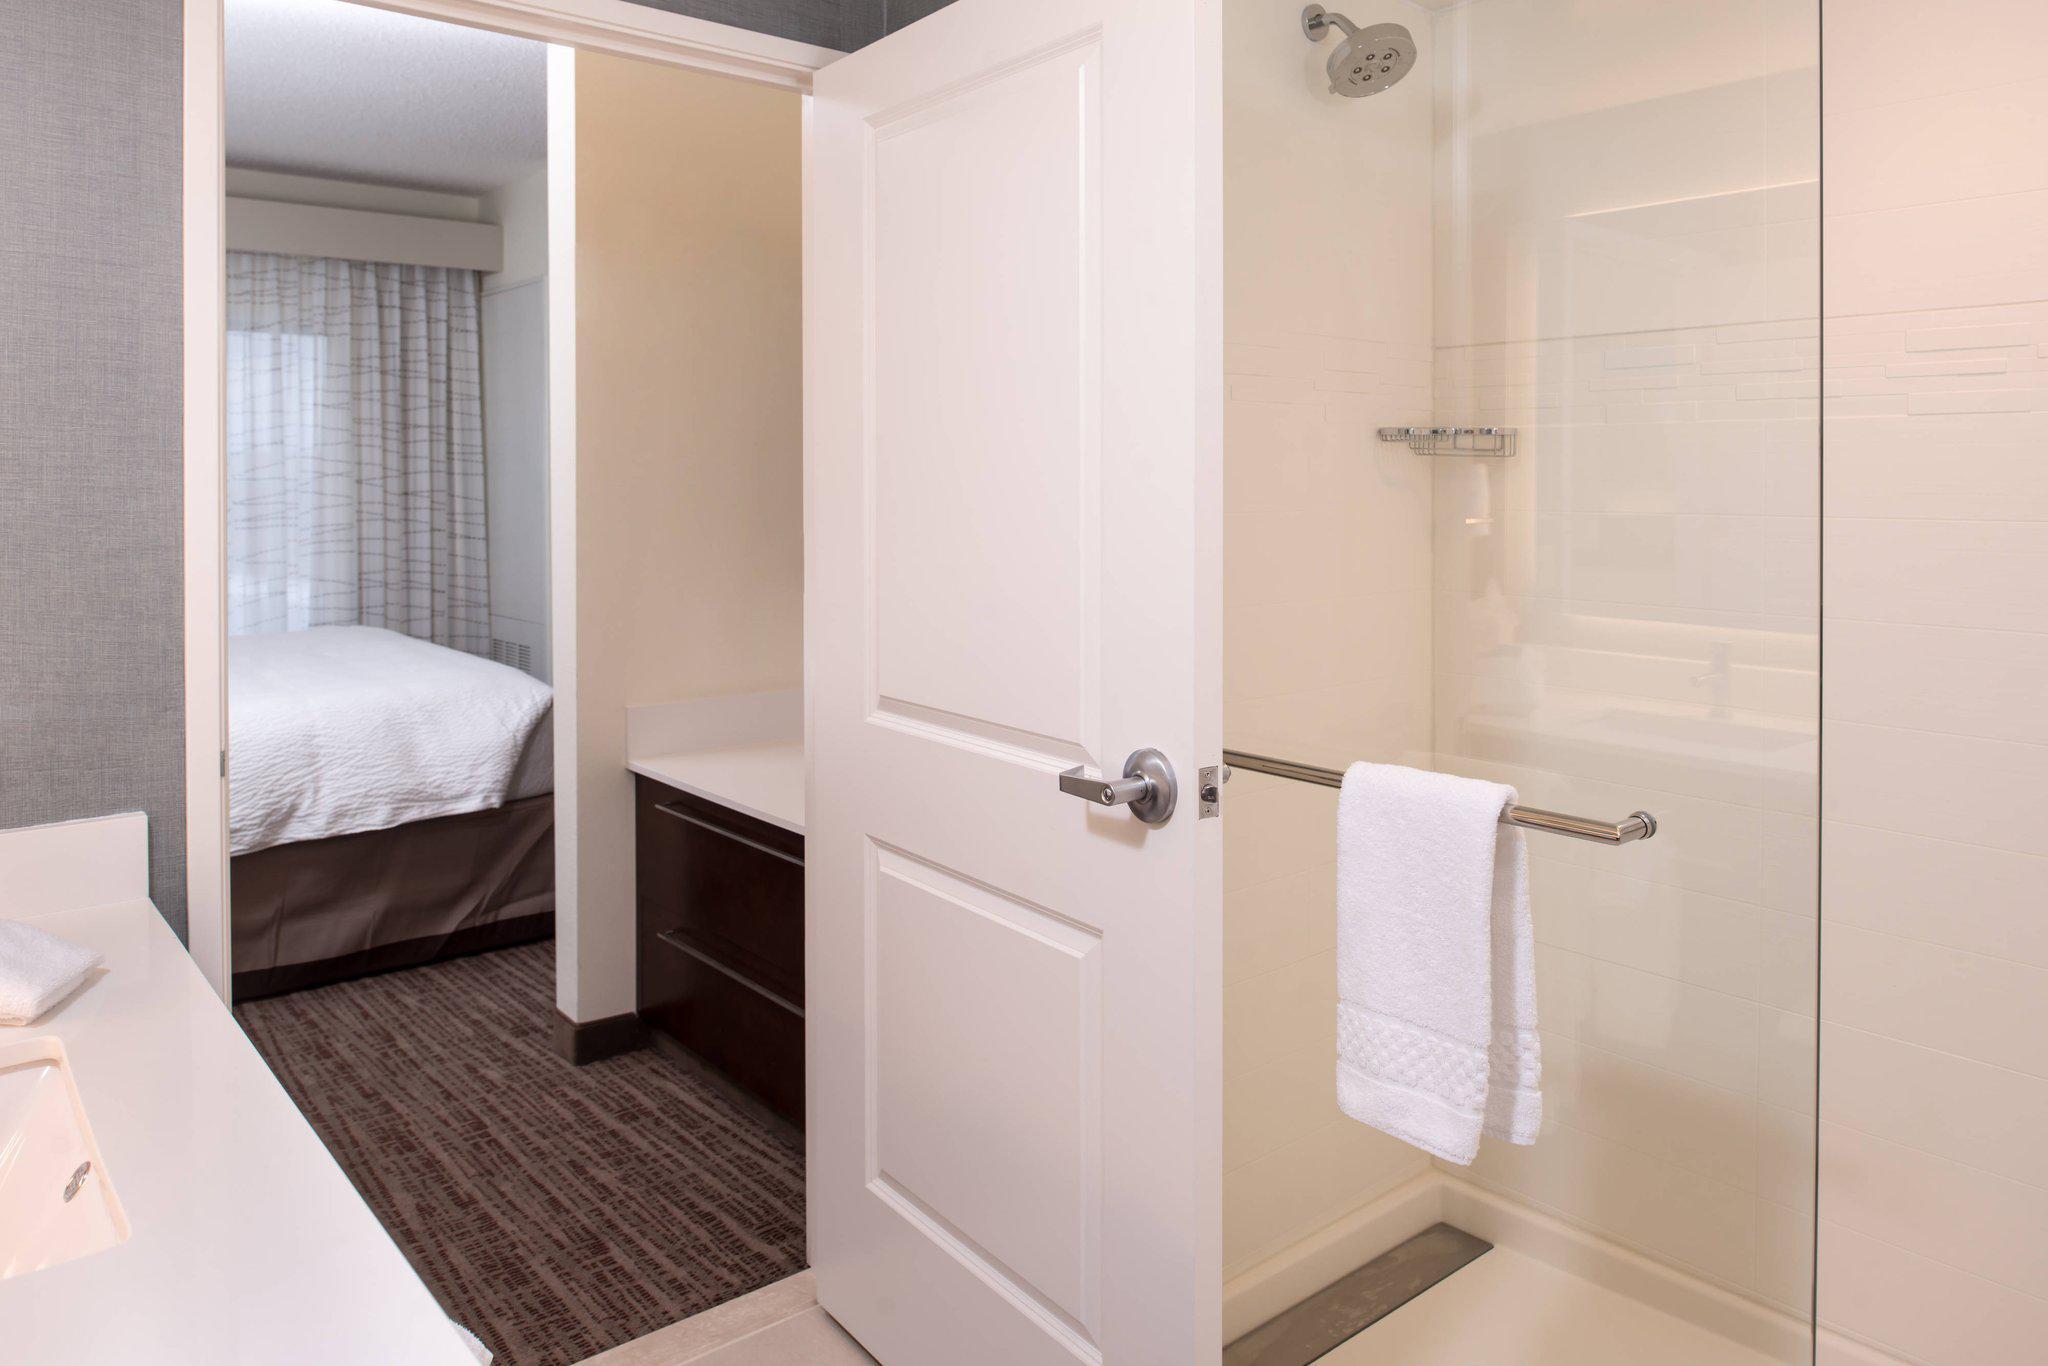 Residence Inn by Marriott St. Louis Westport